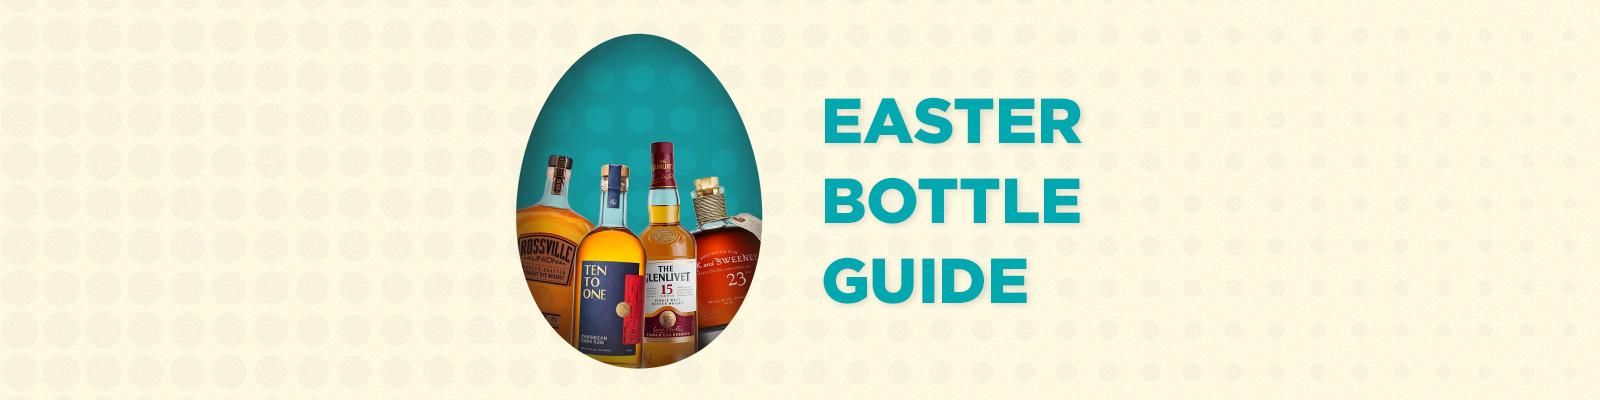 Easter bottle guide